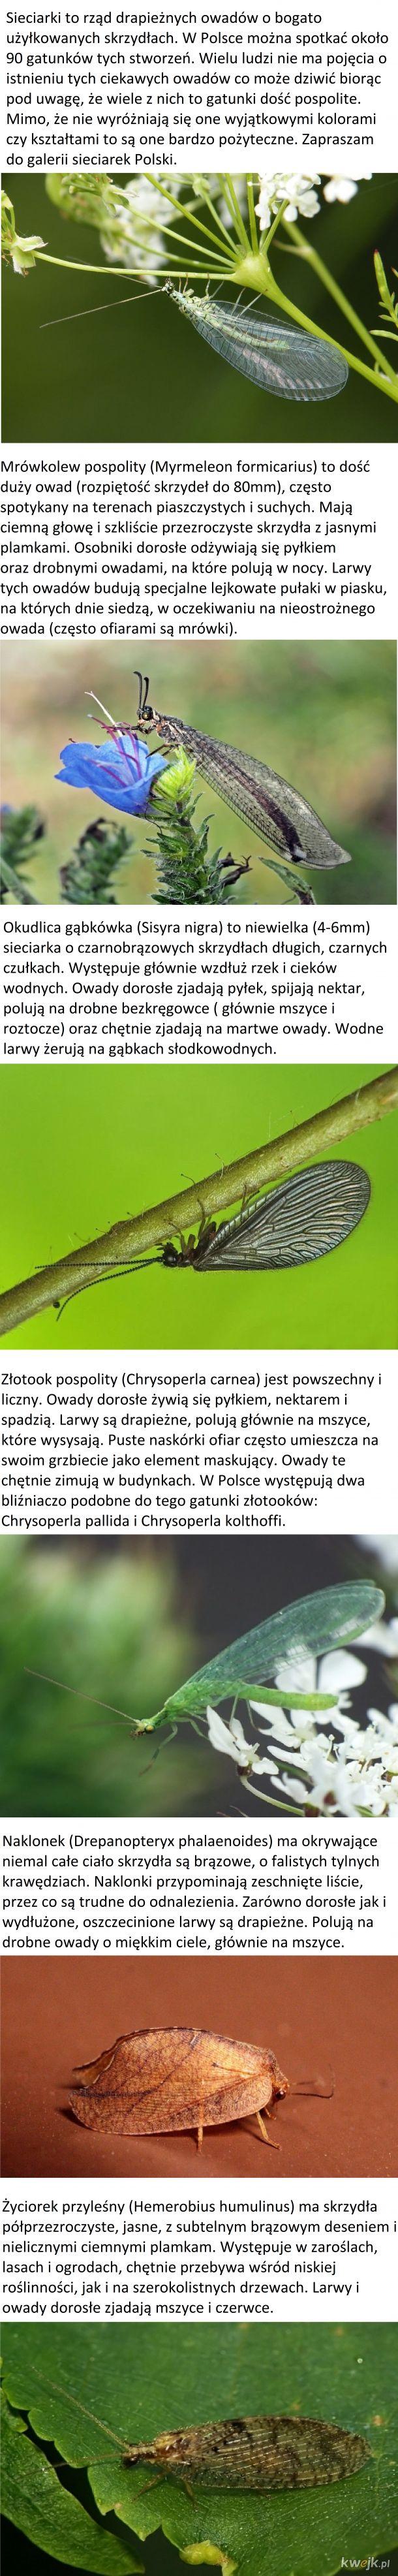 Sieciarki Polski